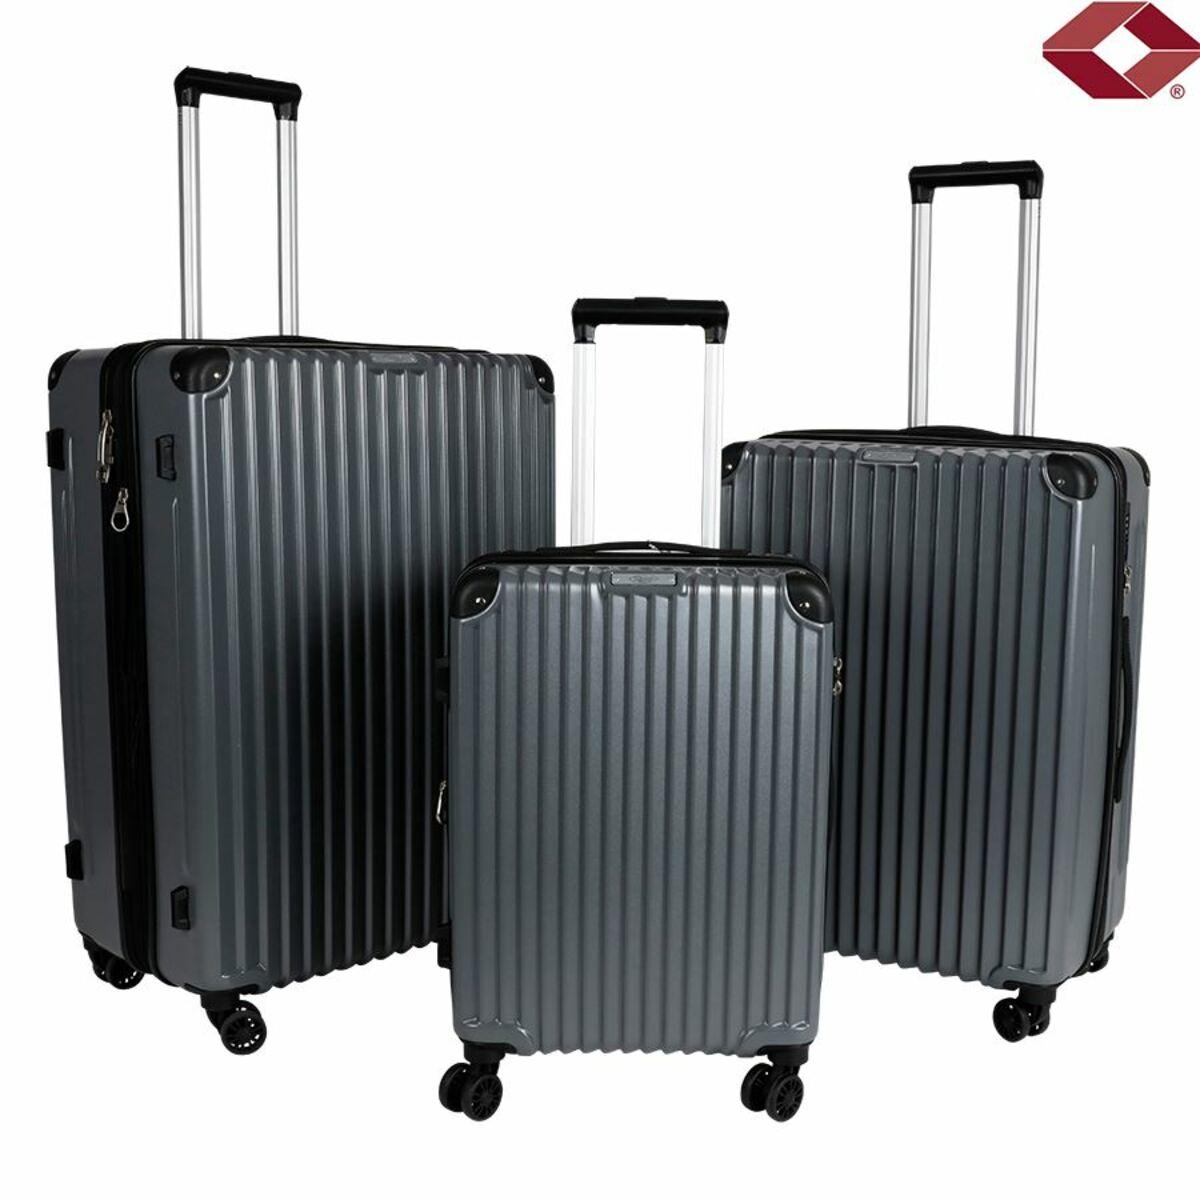 Bild 1 von Reisekoffer-Set Business Line Grau 3-teilig